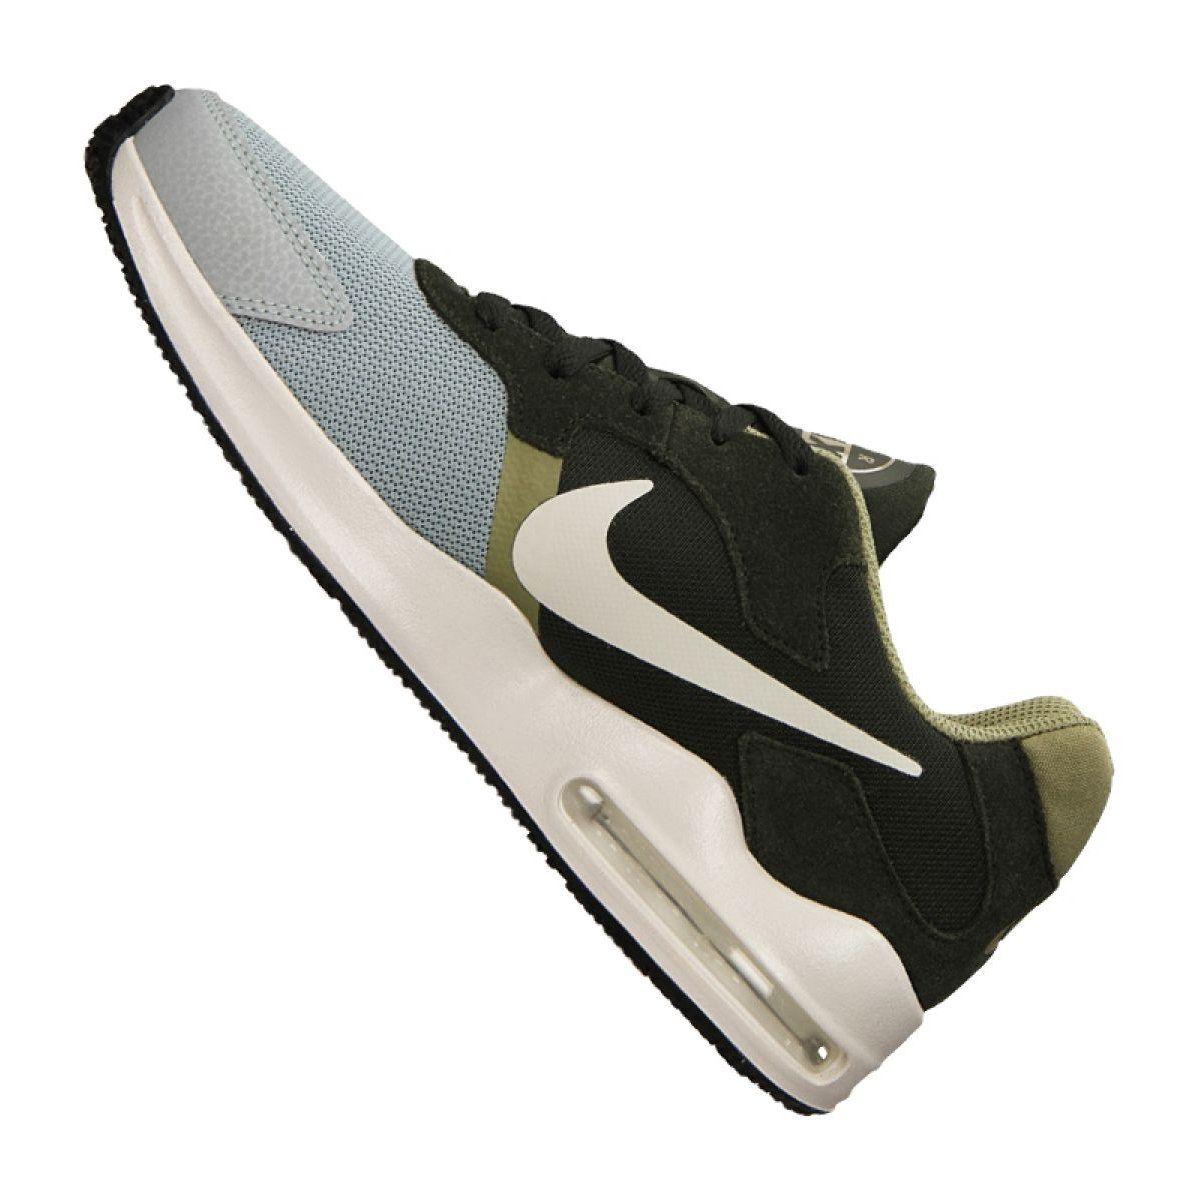 Buty Nike Air Max Guile M 916768 008 Niebieskie Wielokolorowe Zielone Nike Air Max Nike Air Nike